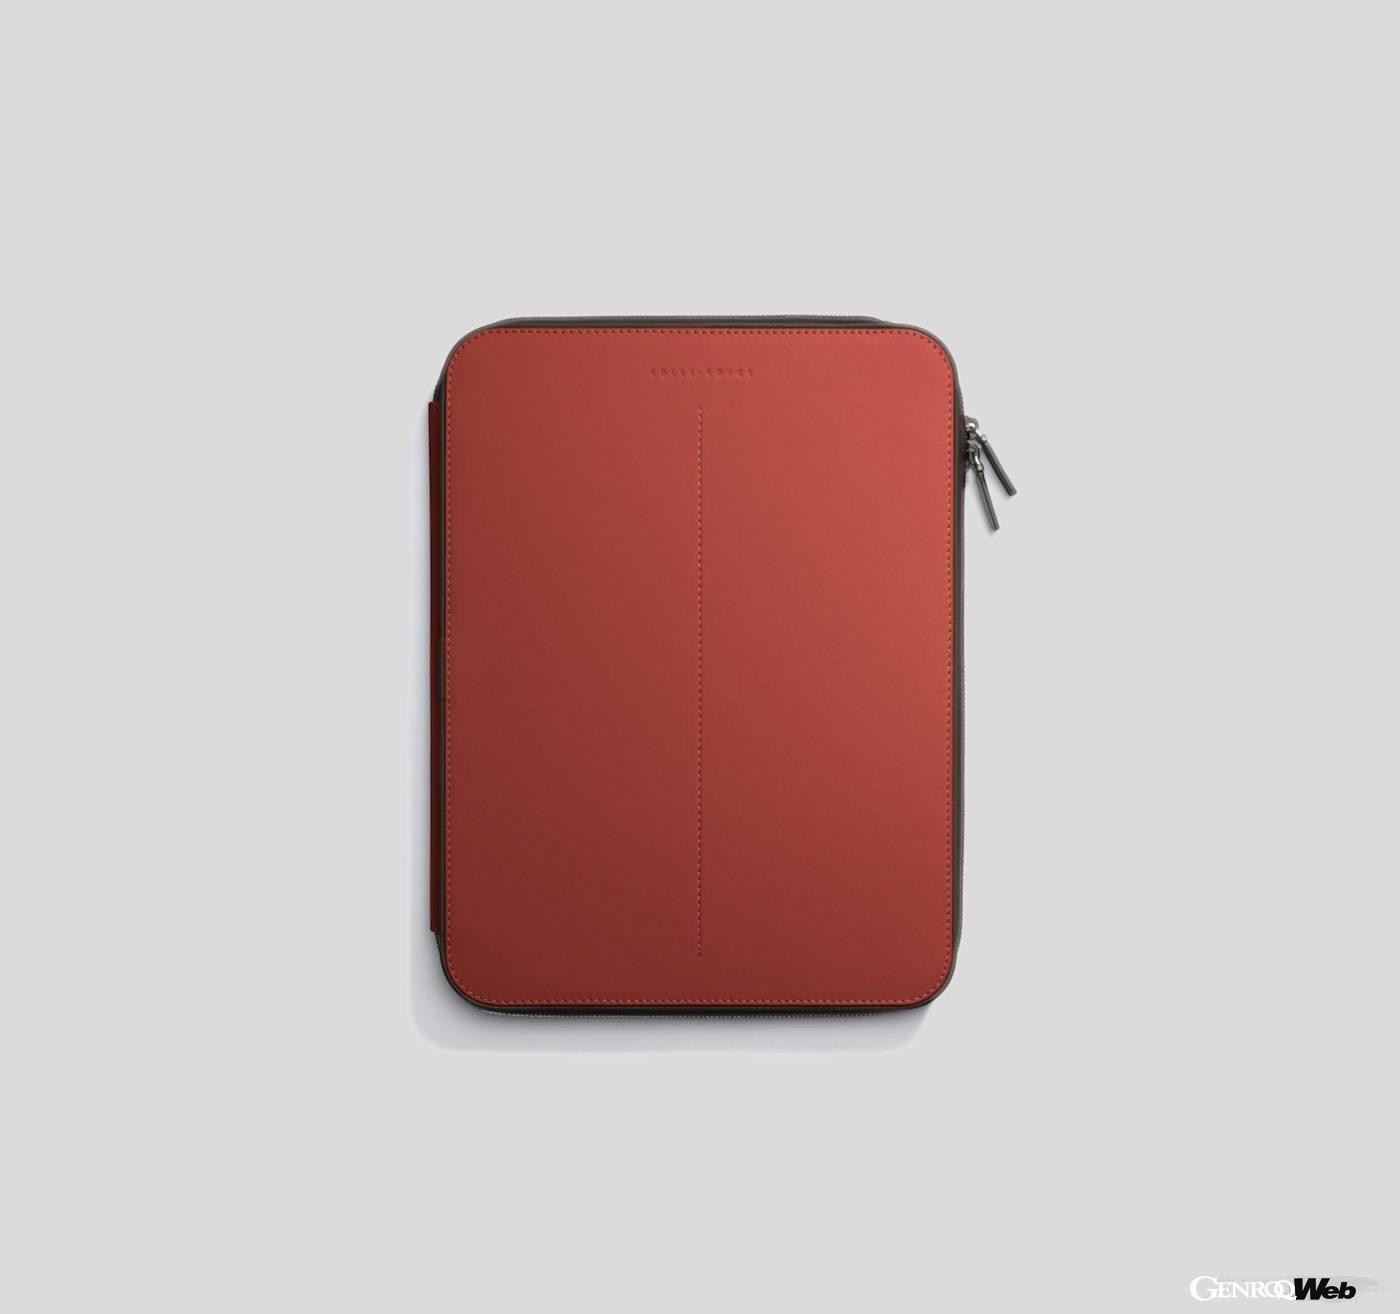 「ロールス・ロイスを「持ち歩く」! 新作バッグコレクションに見るラグジュアリーの新しい姿」の3枚目の画像